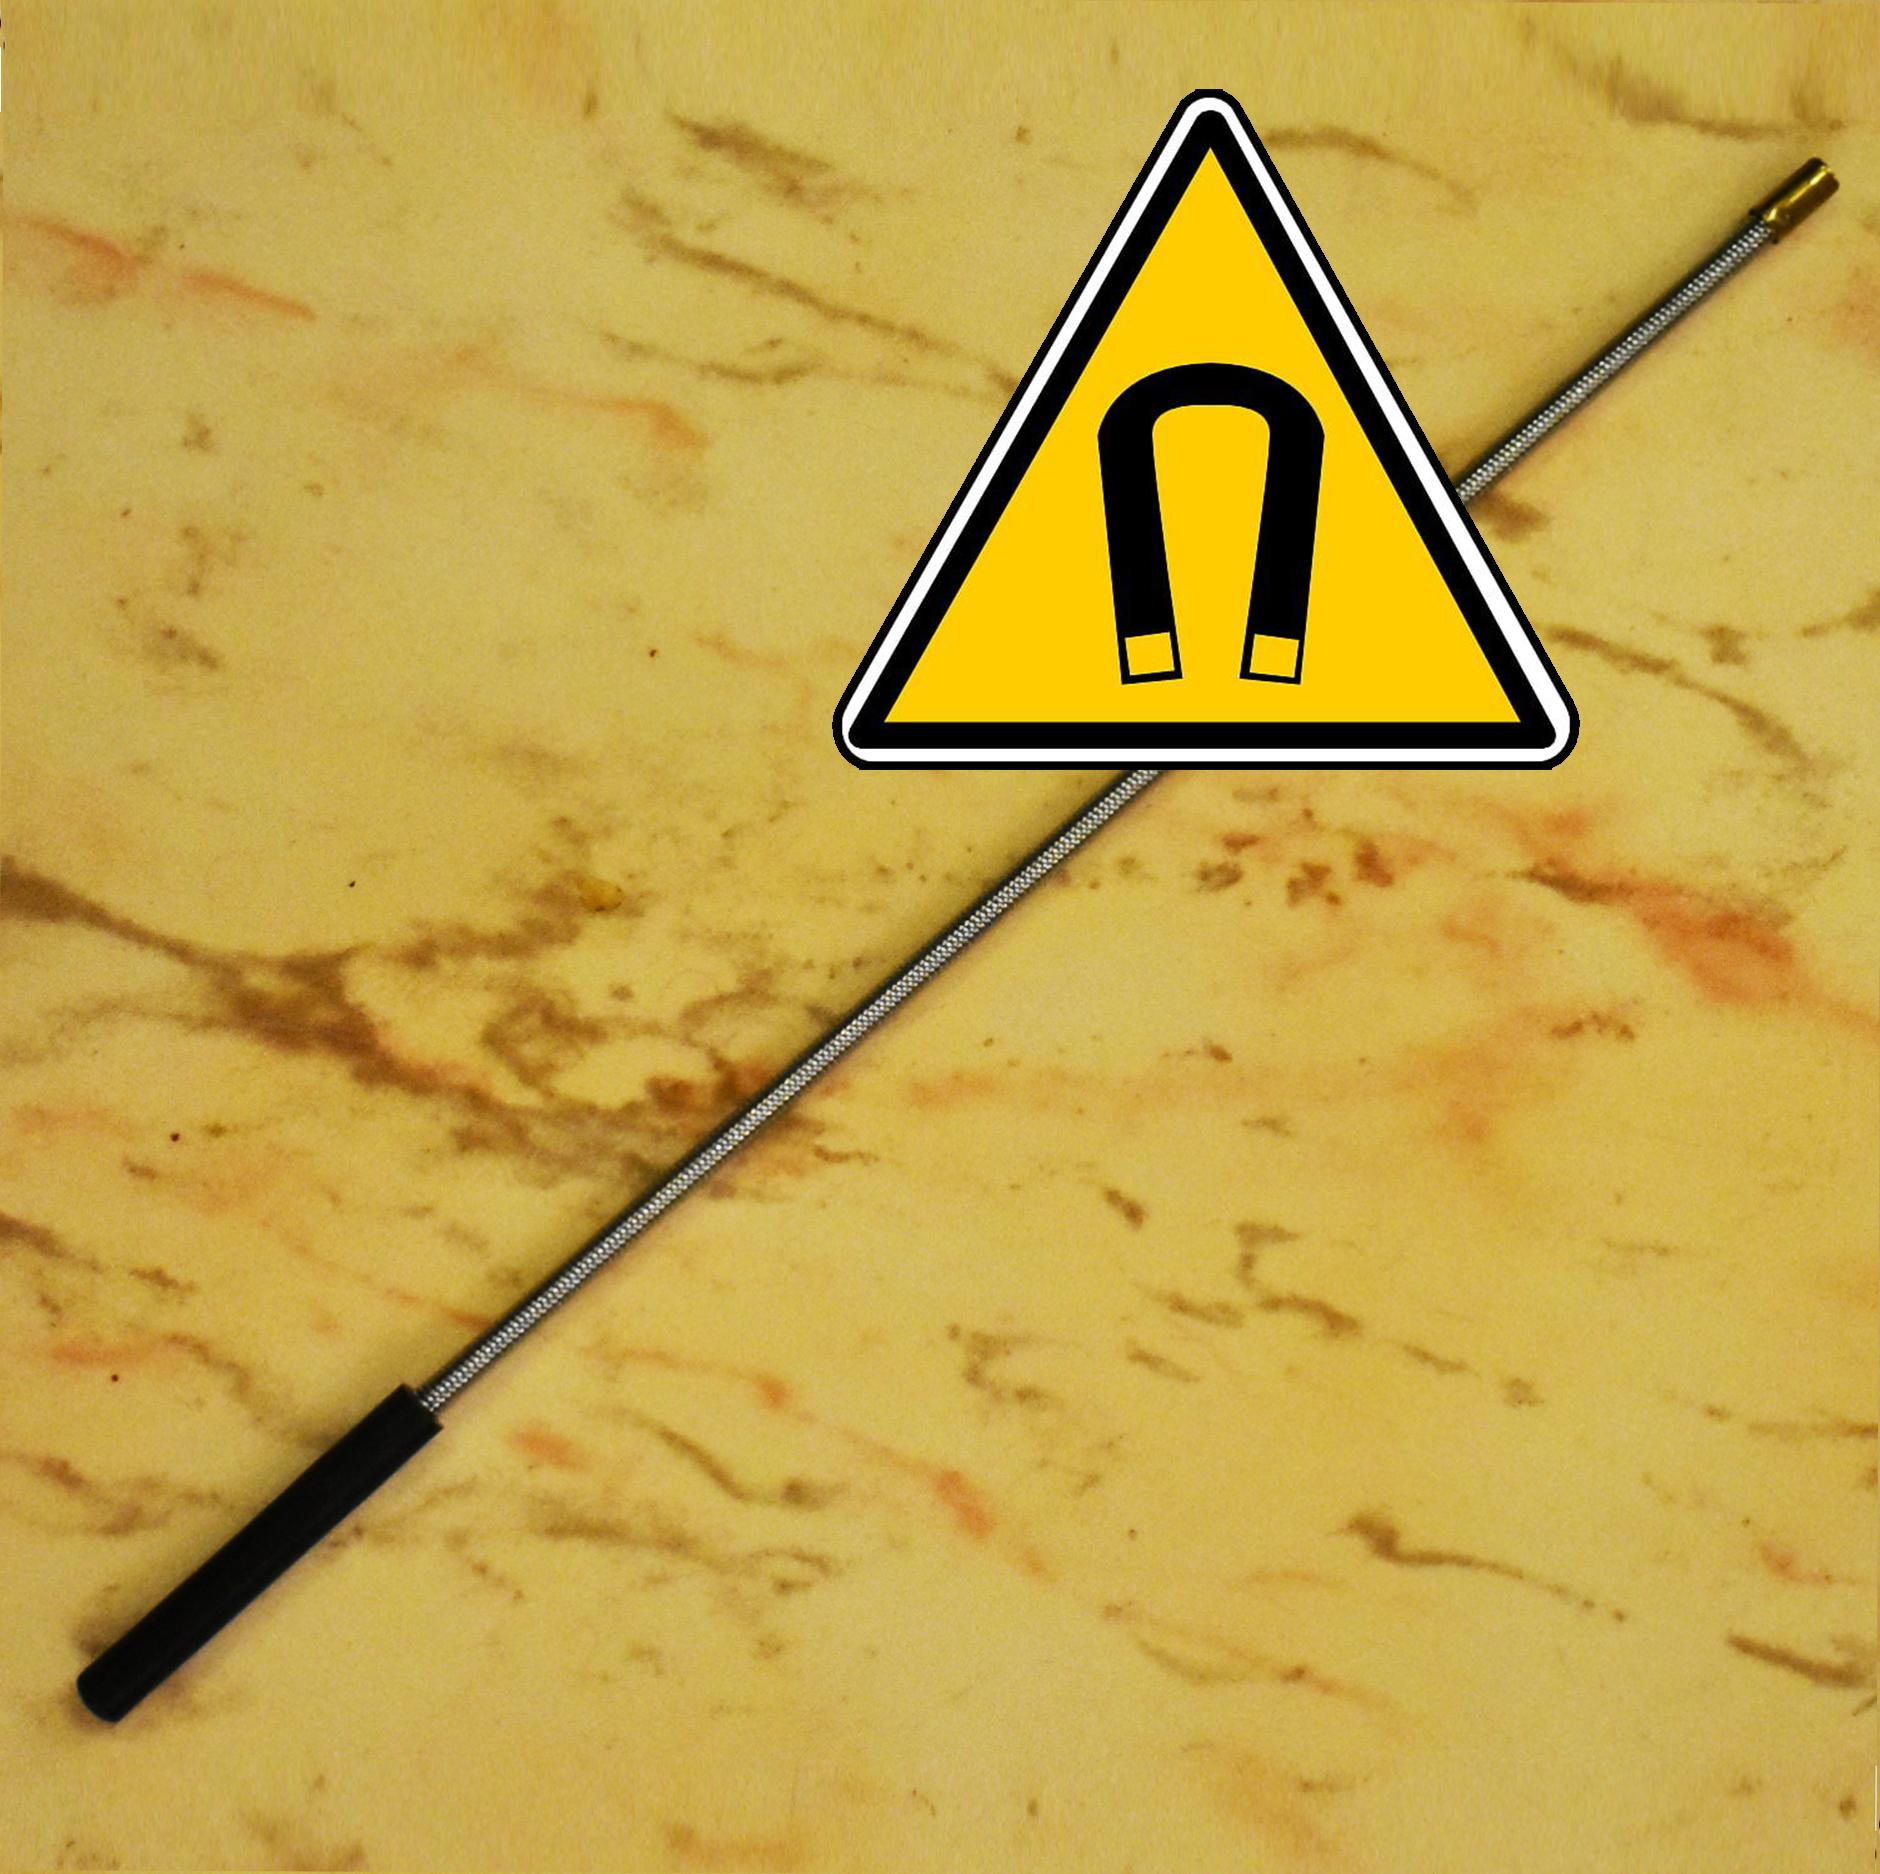 Магнитна ръка: гъвкав магнитен стик MAG 196 събира гайки от труднодостъпни места, 40 см.